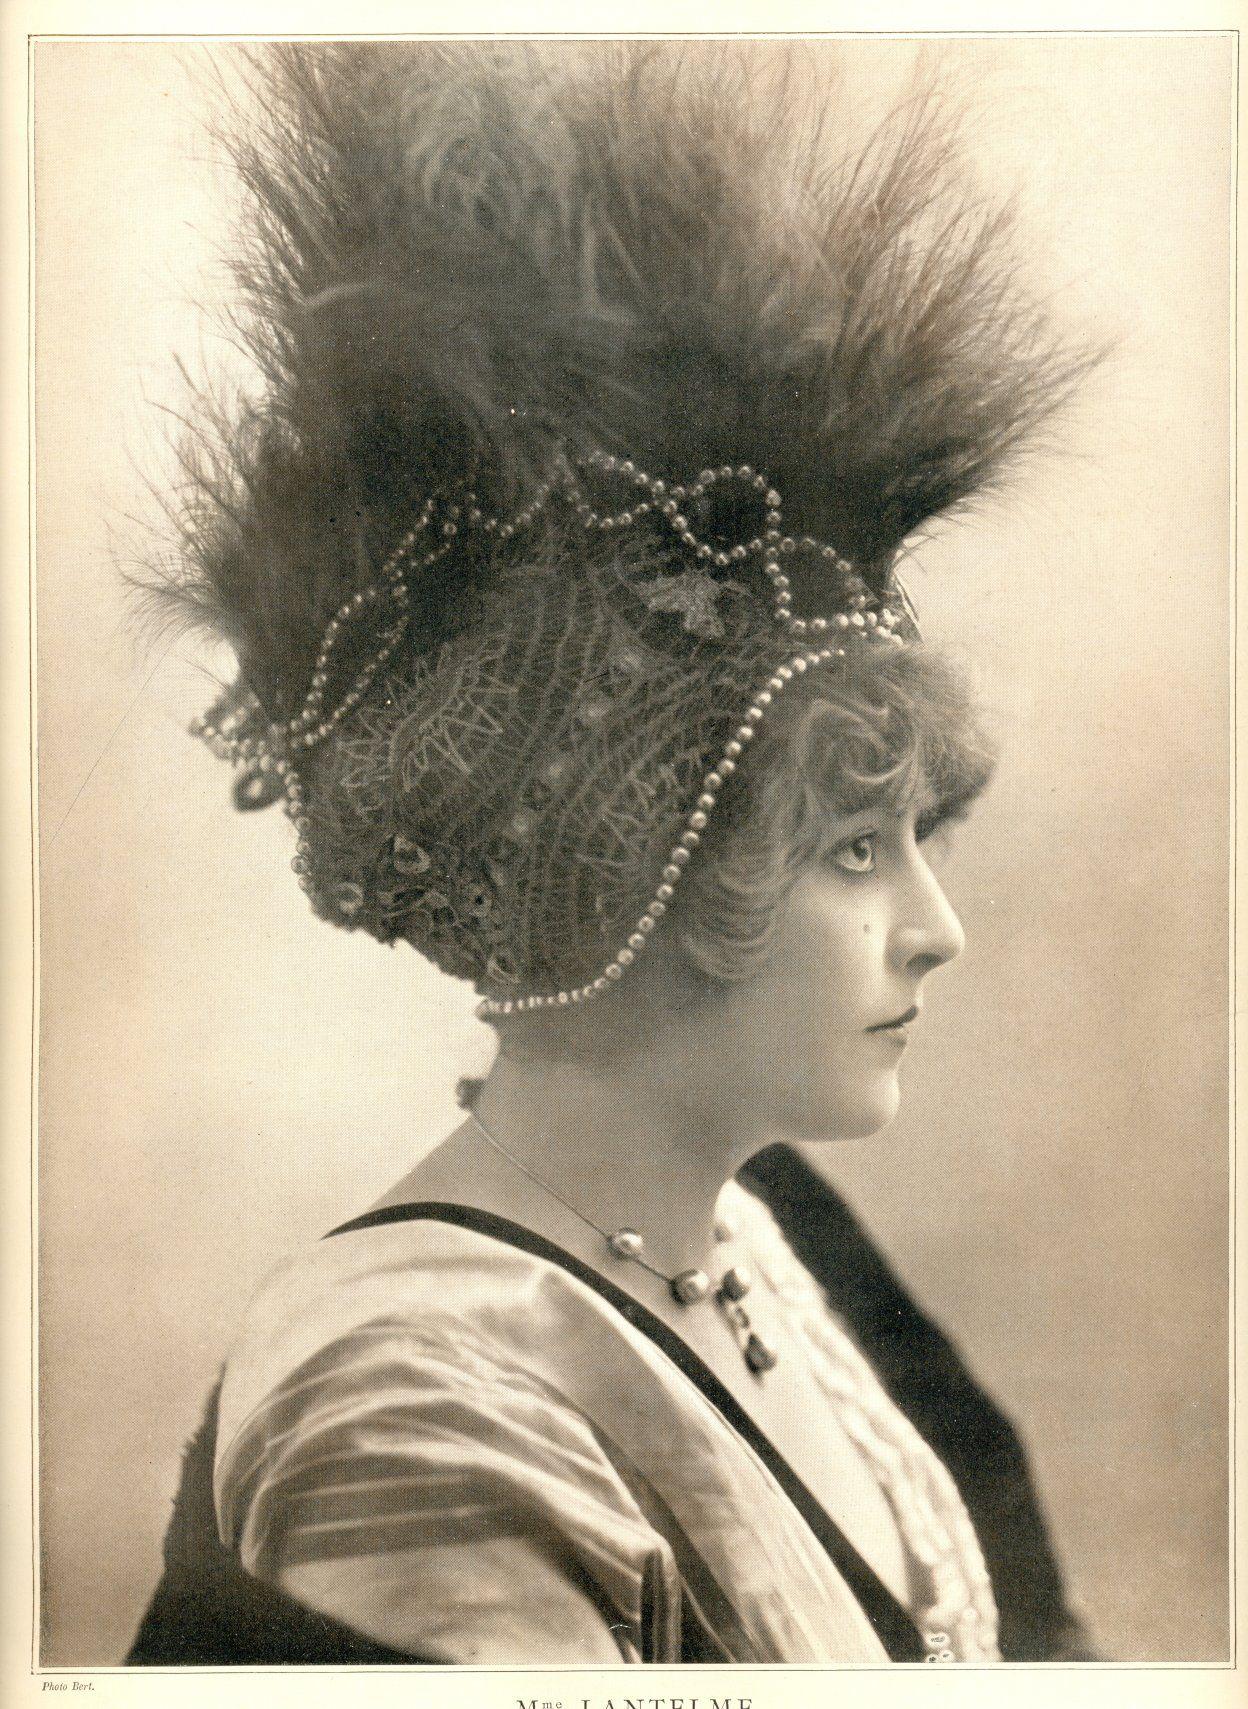 le theatre 303 1 aout 1911vkl Retro pictures, Portrait